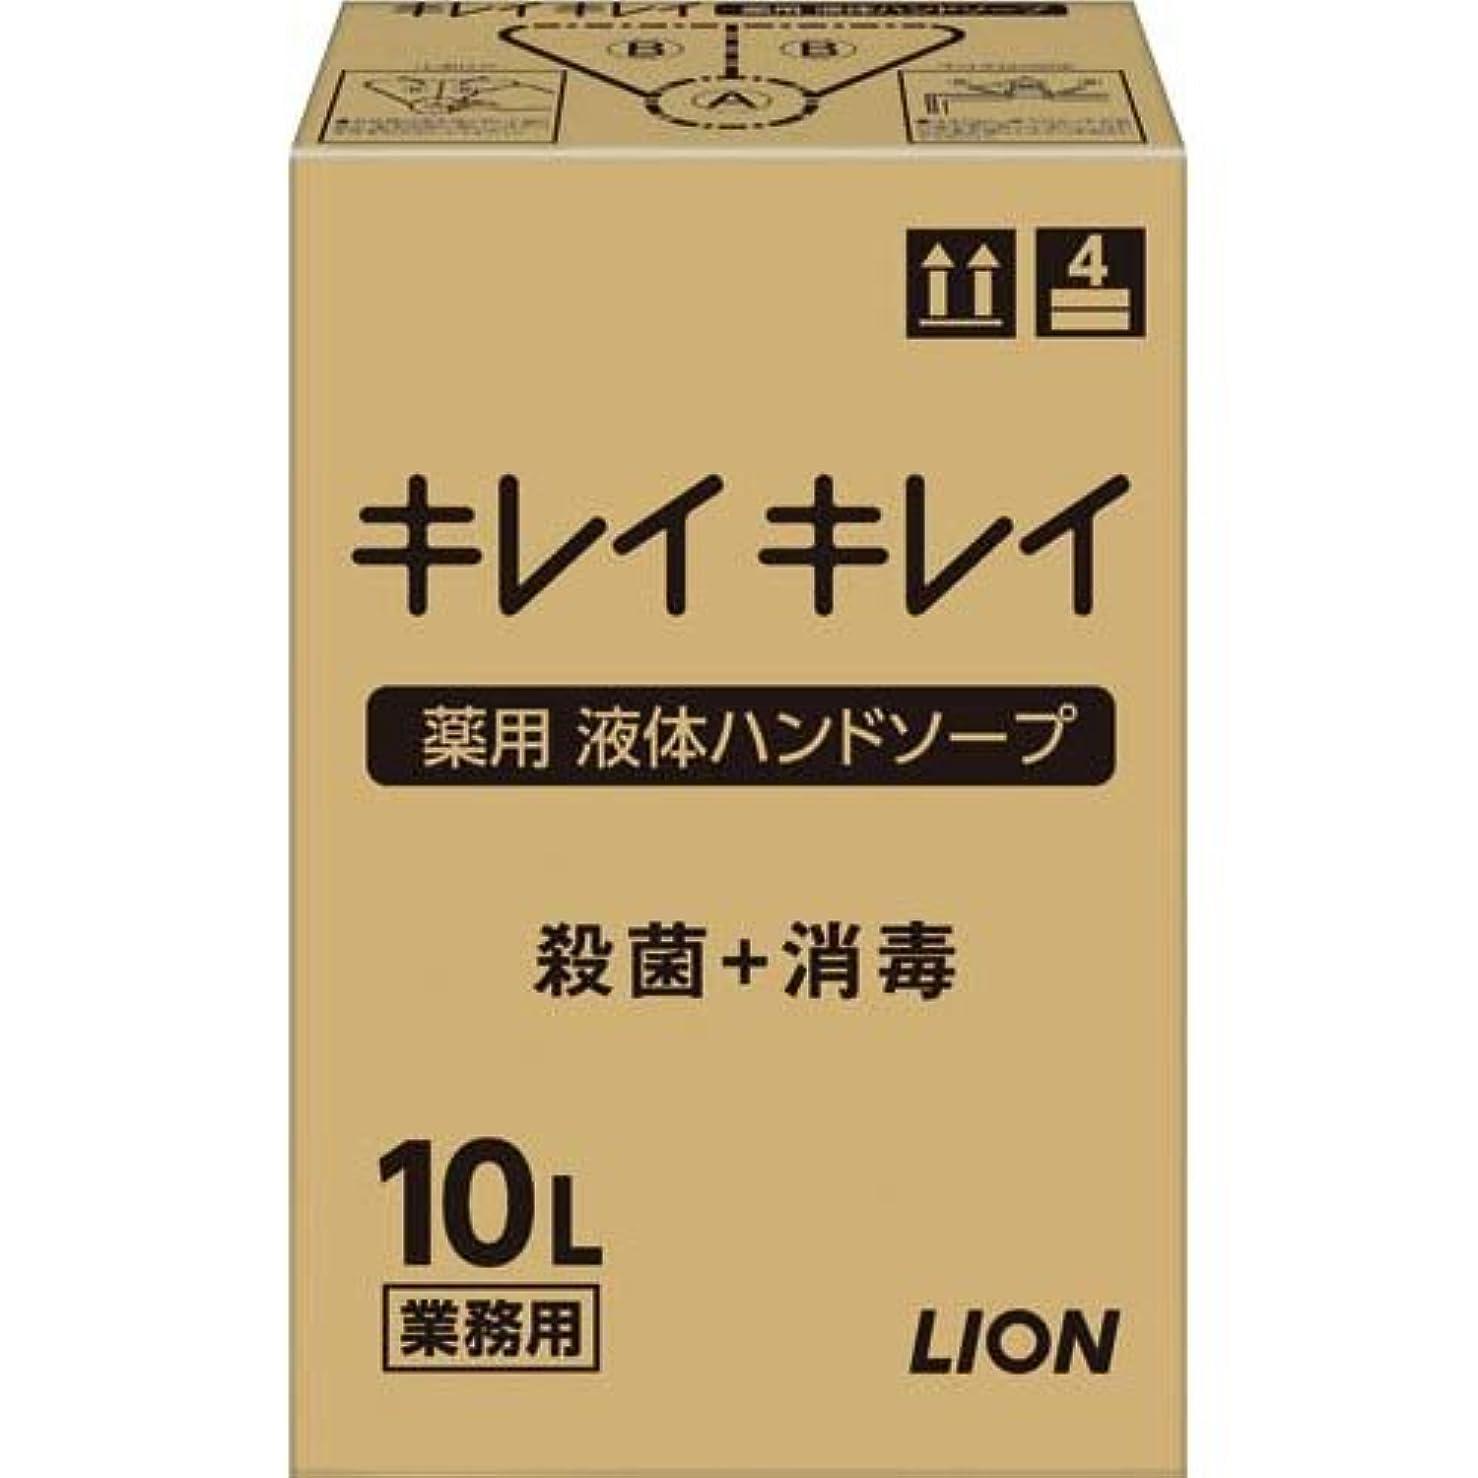 不適当の前でハシーキレイキレイ 薬用ハンドソープ 10L